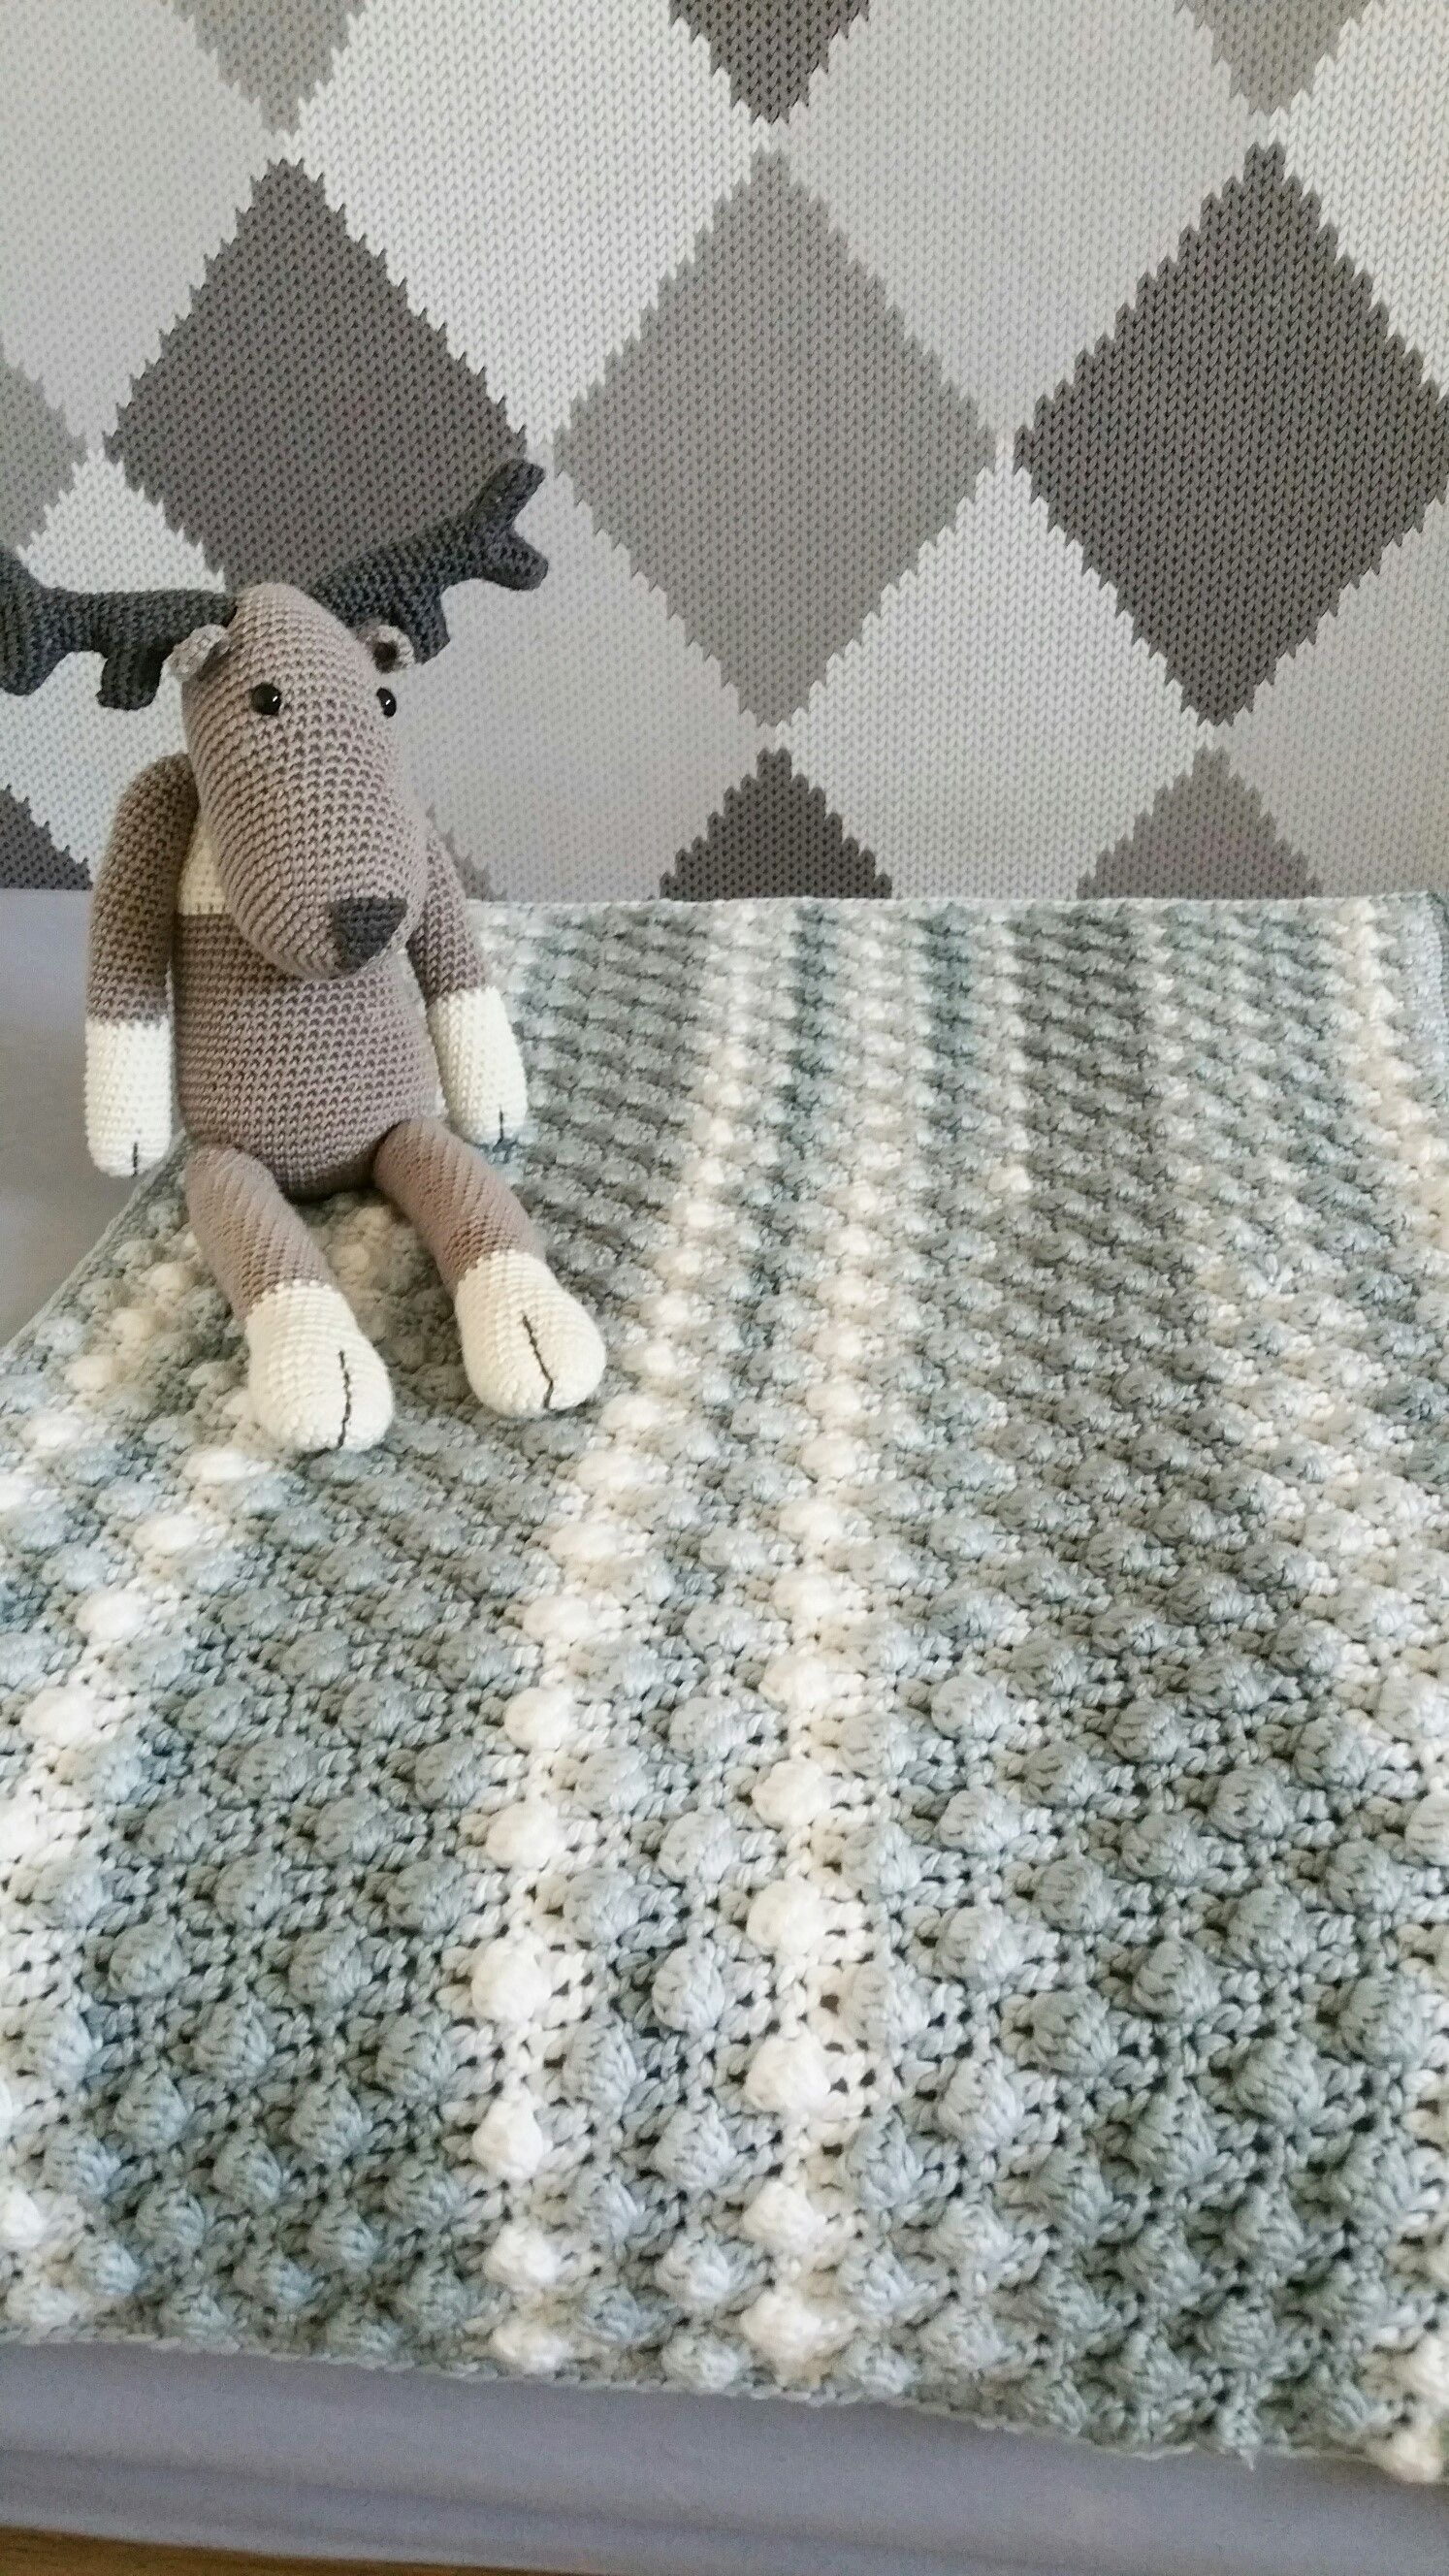 Superzachte Baby Deken Haken Draad En Praat Crochet